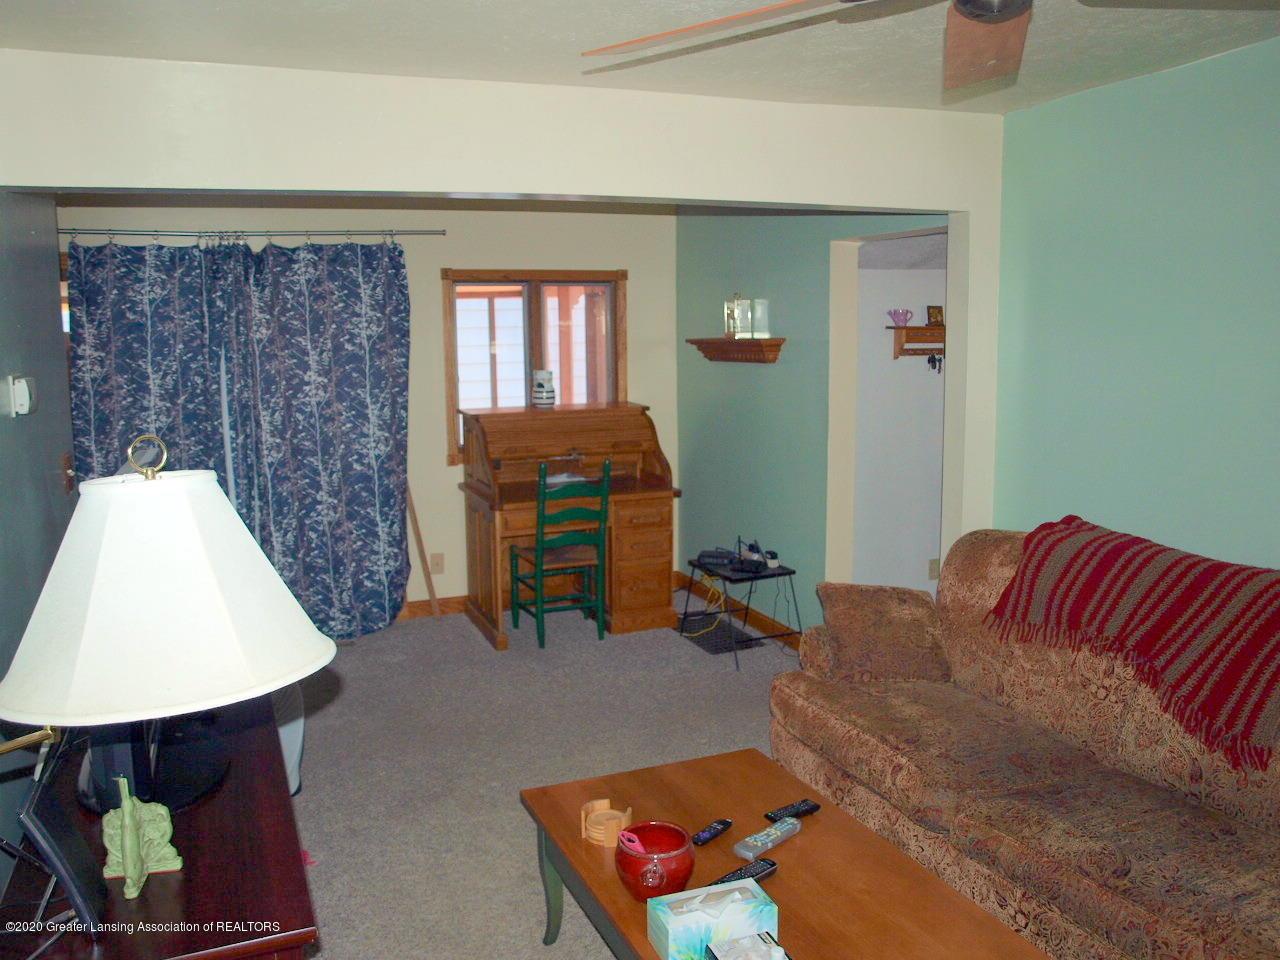 300 S Swegles St - living room - 11